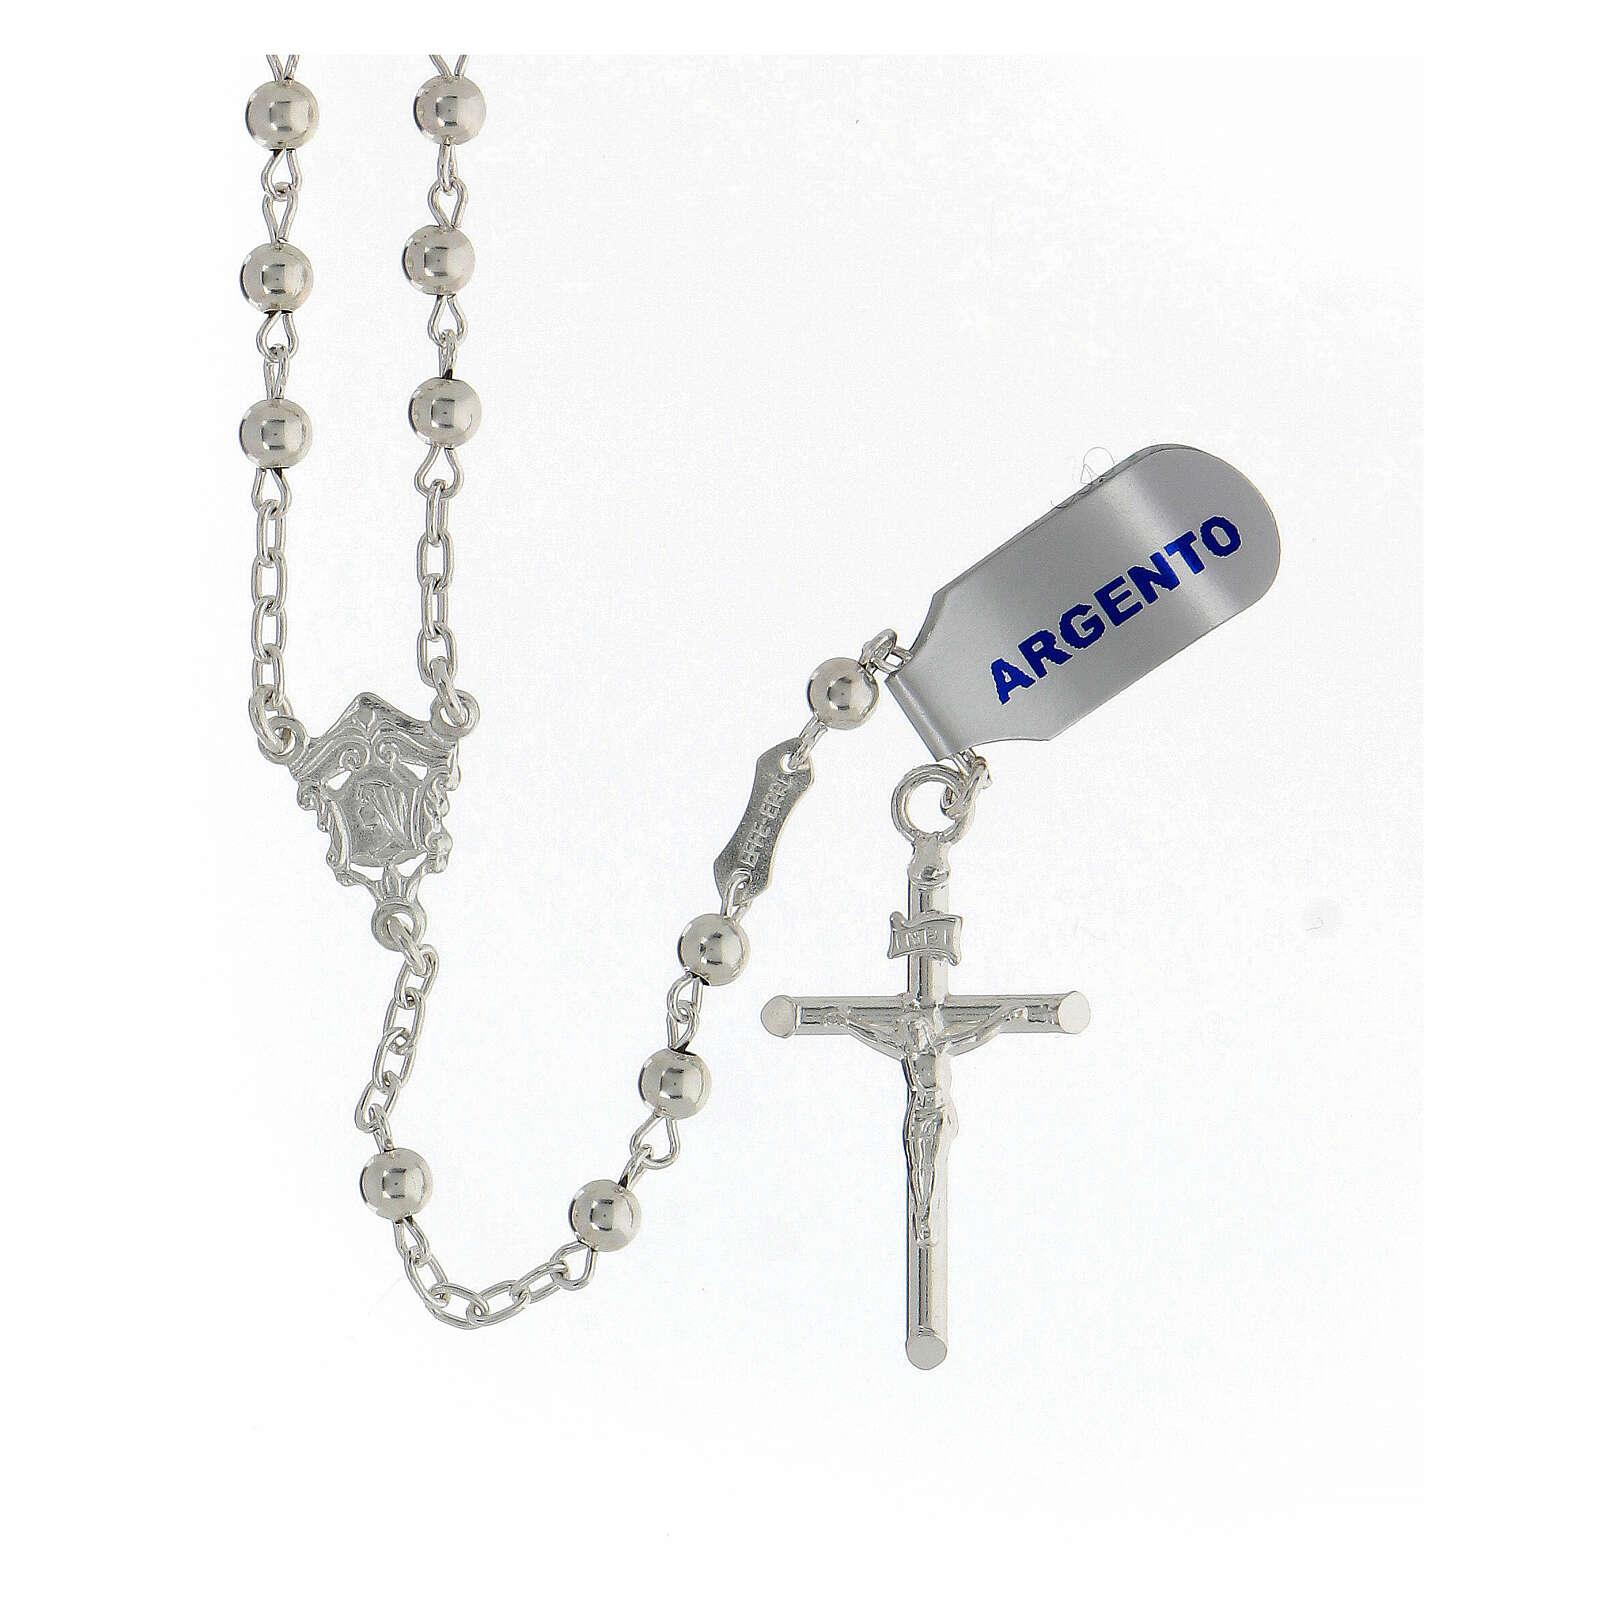 Chapelet argent 925 grains lisses croix tubulaire 11,2 gr 4